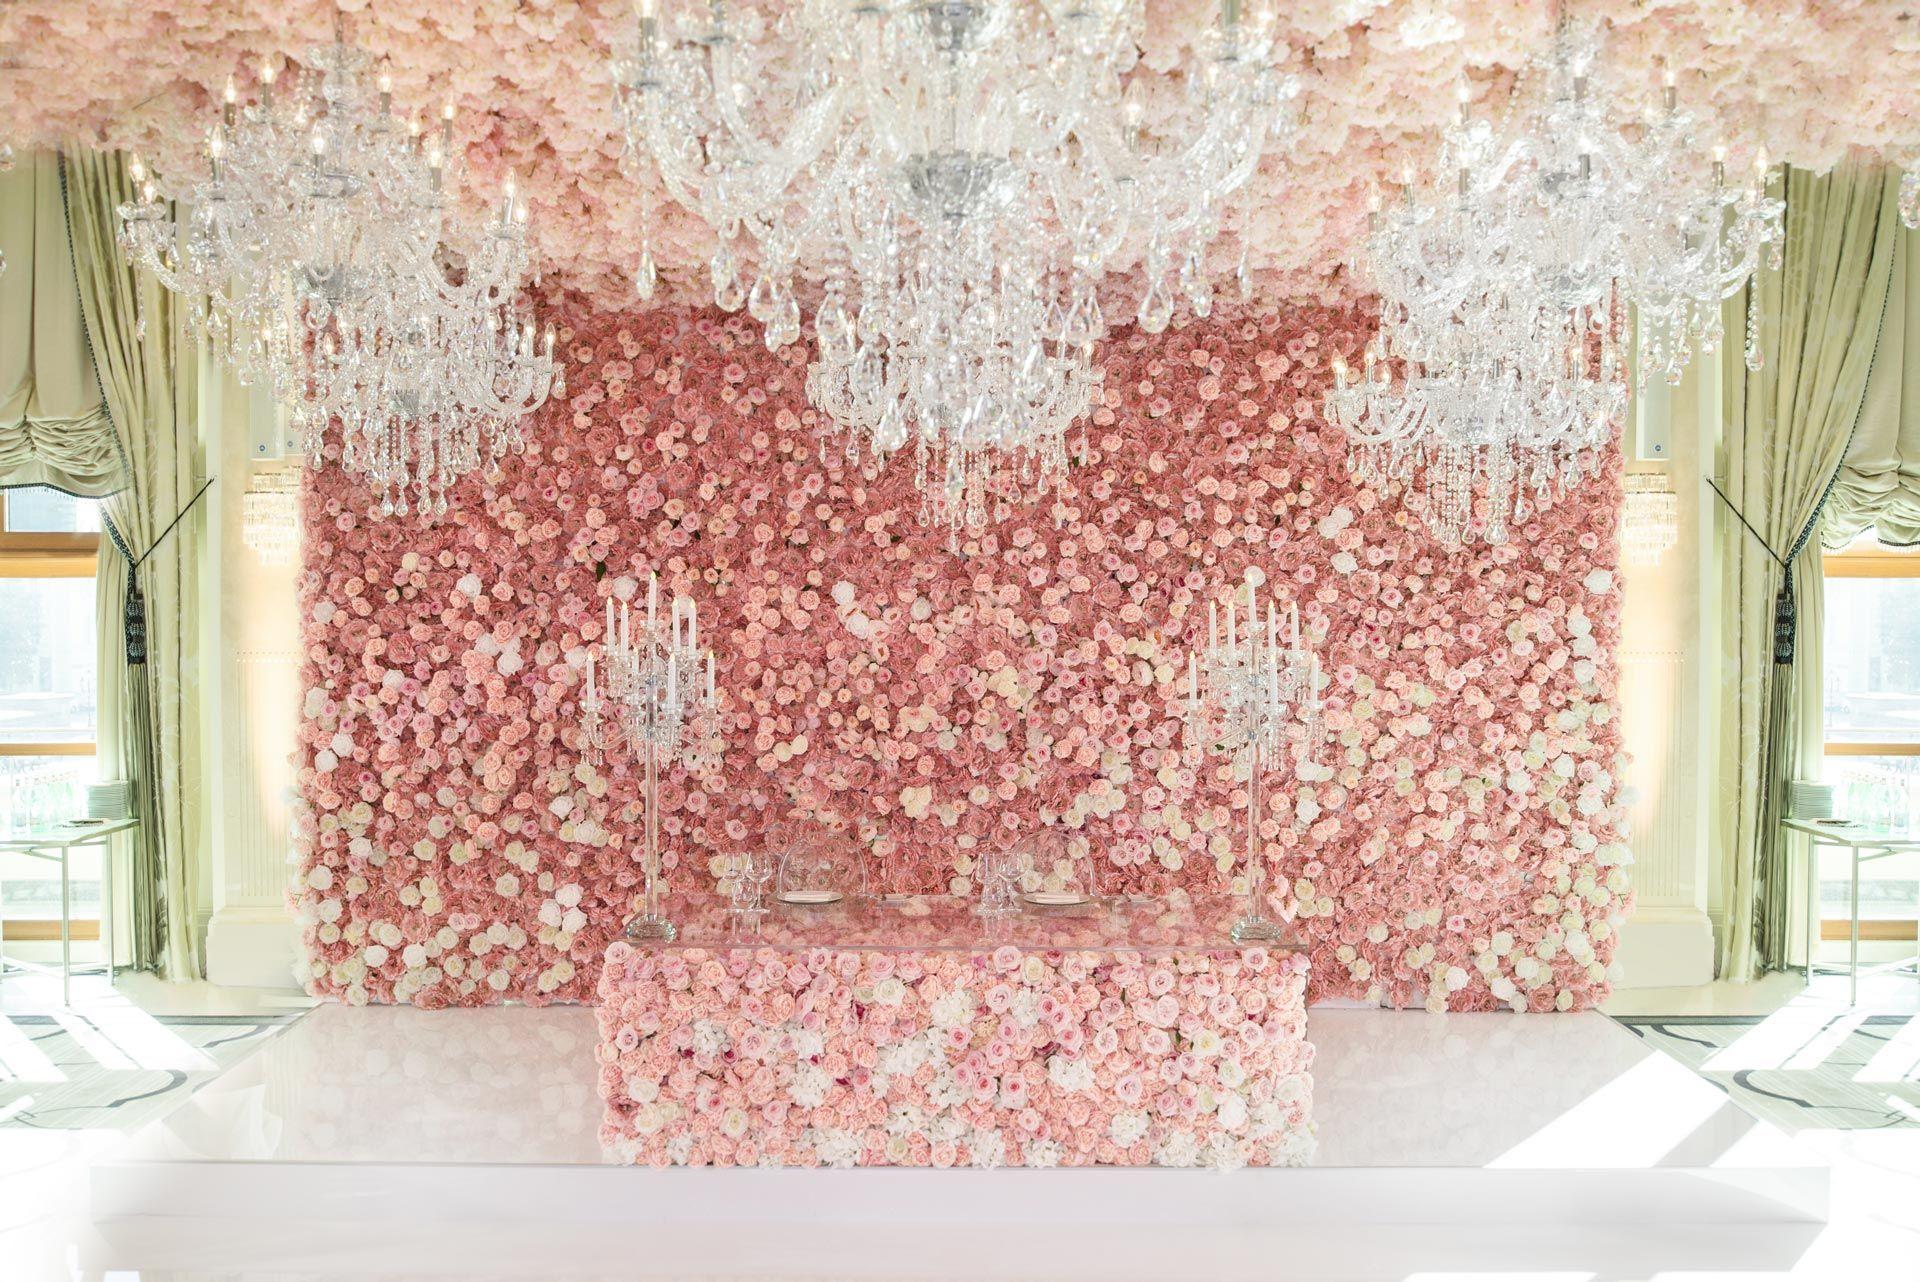 Студия декора Юлии Шакировой, цветочная свадьба, фото 18